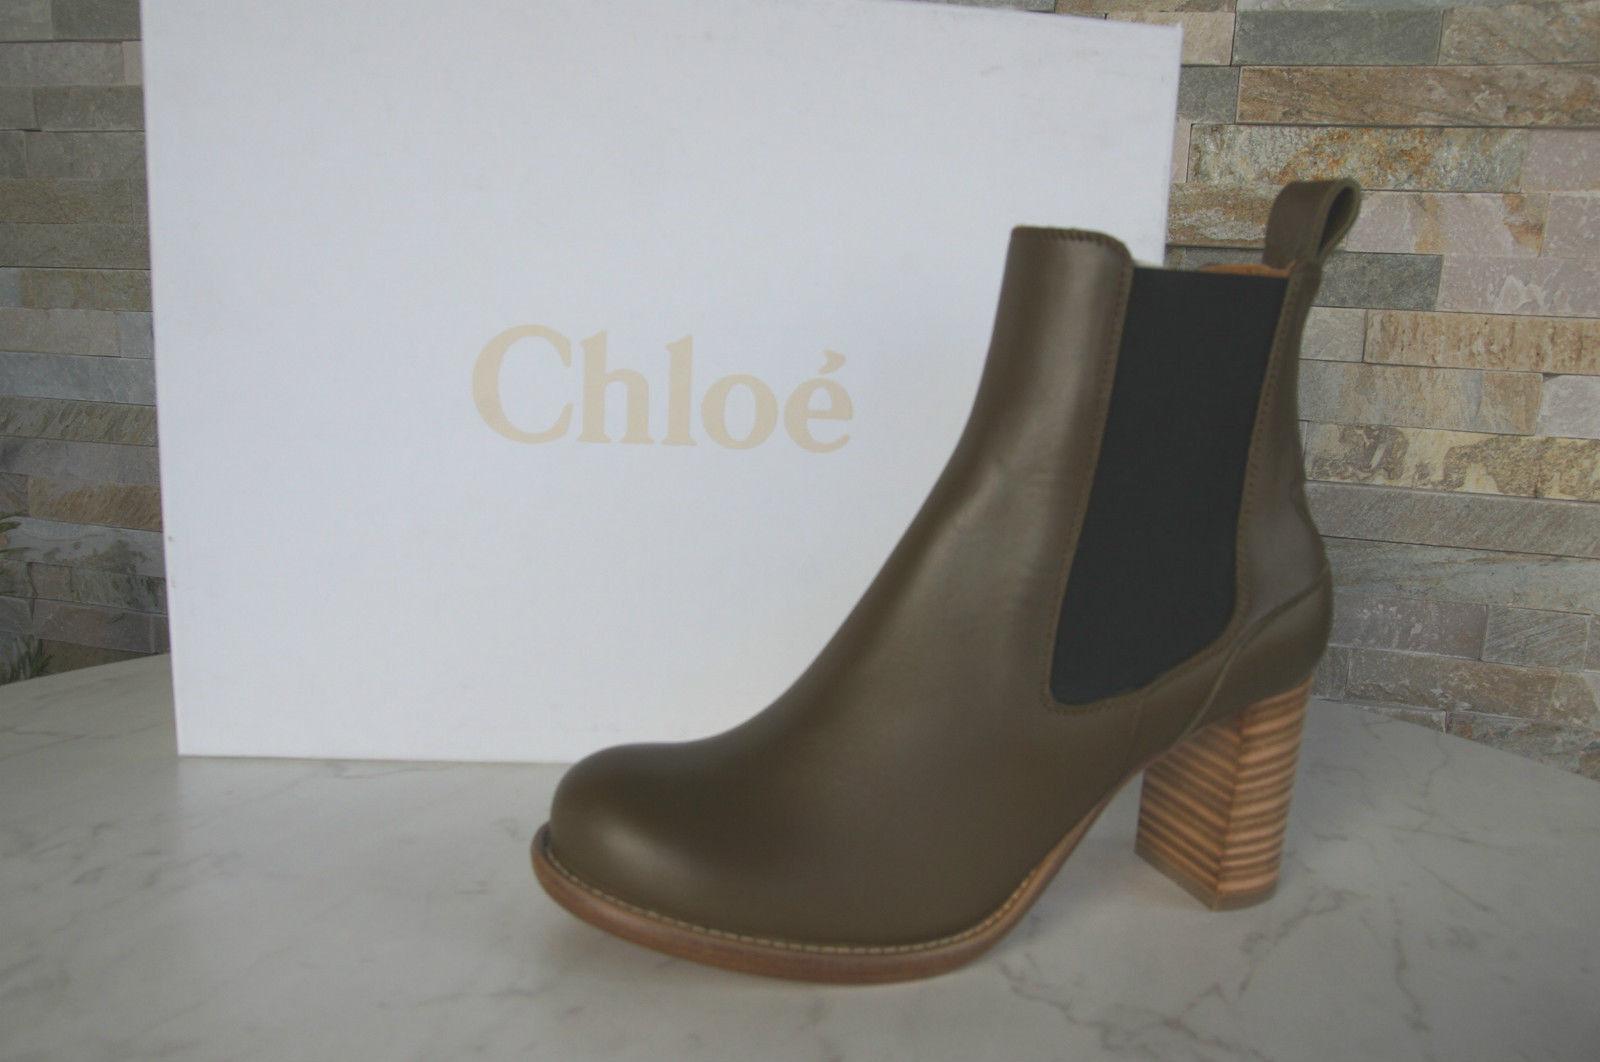 Chloé Chloe botines botines botines talla 38 botas botaies zapatos cuero nuevo ex PVP  más vendido